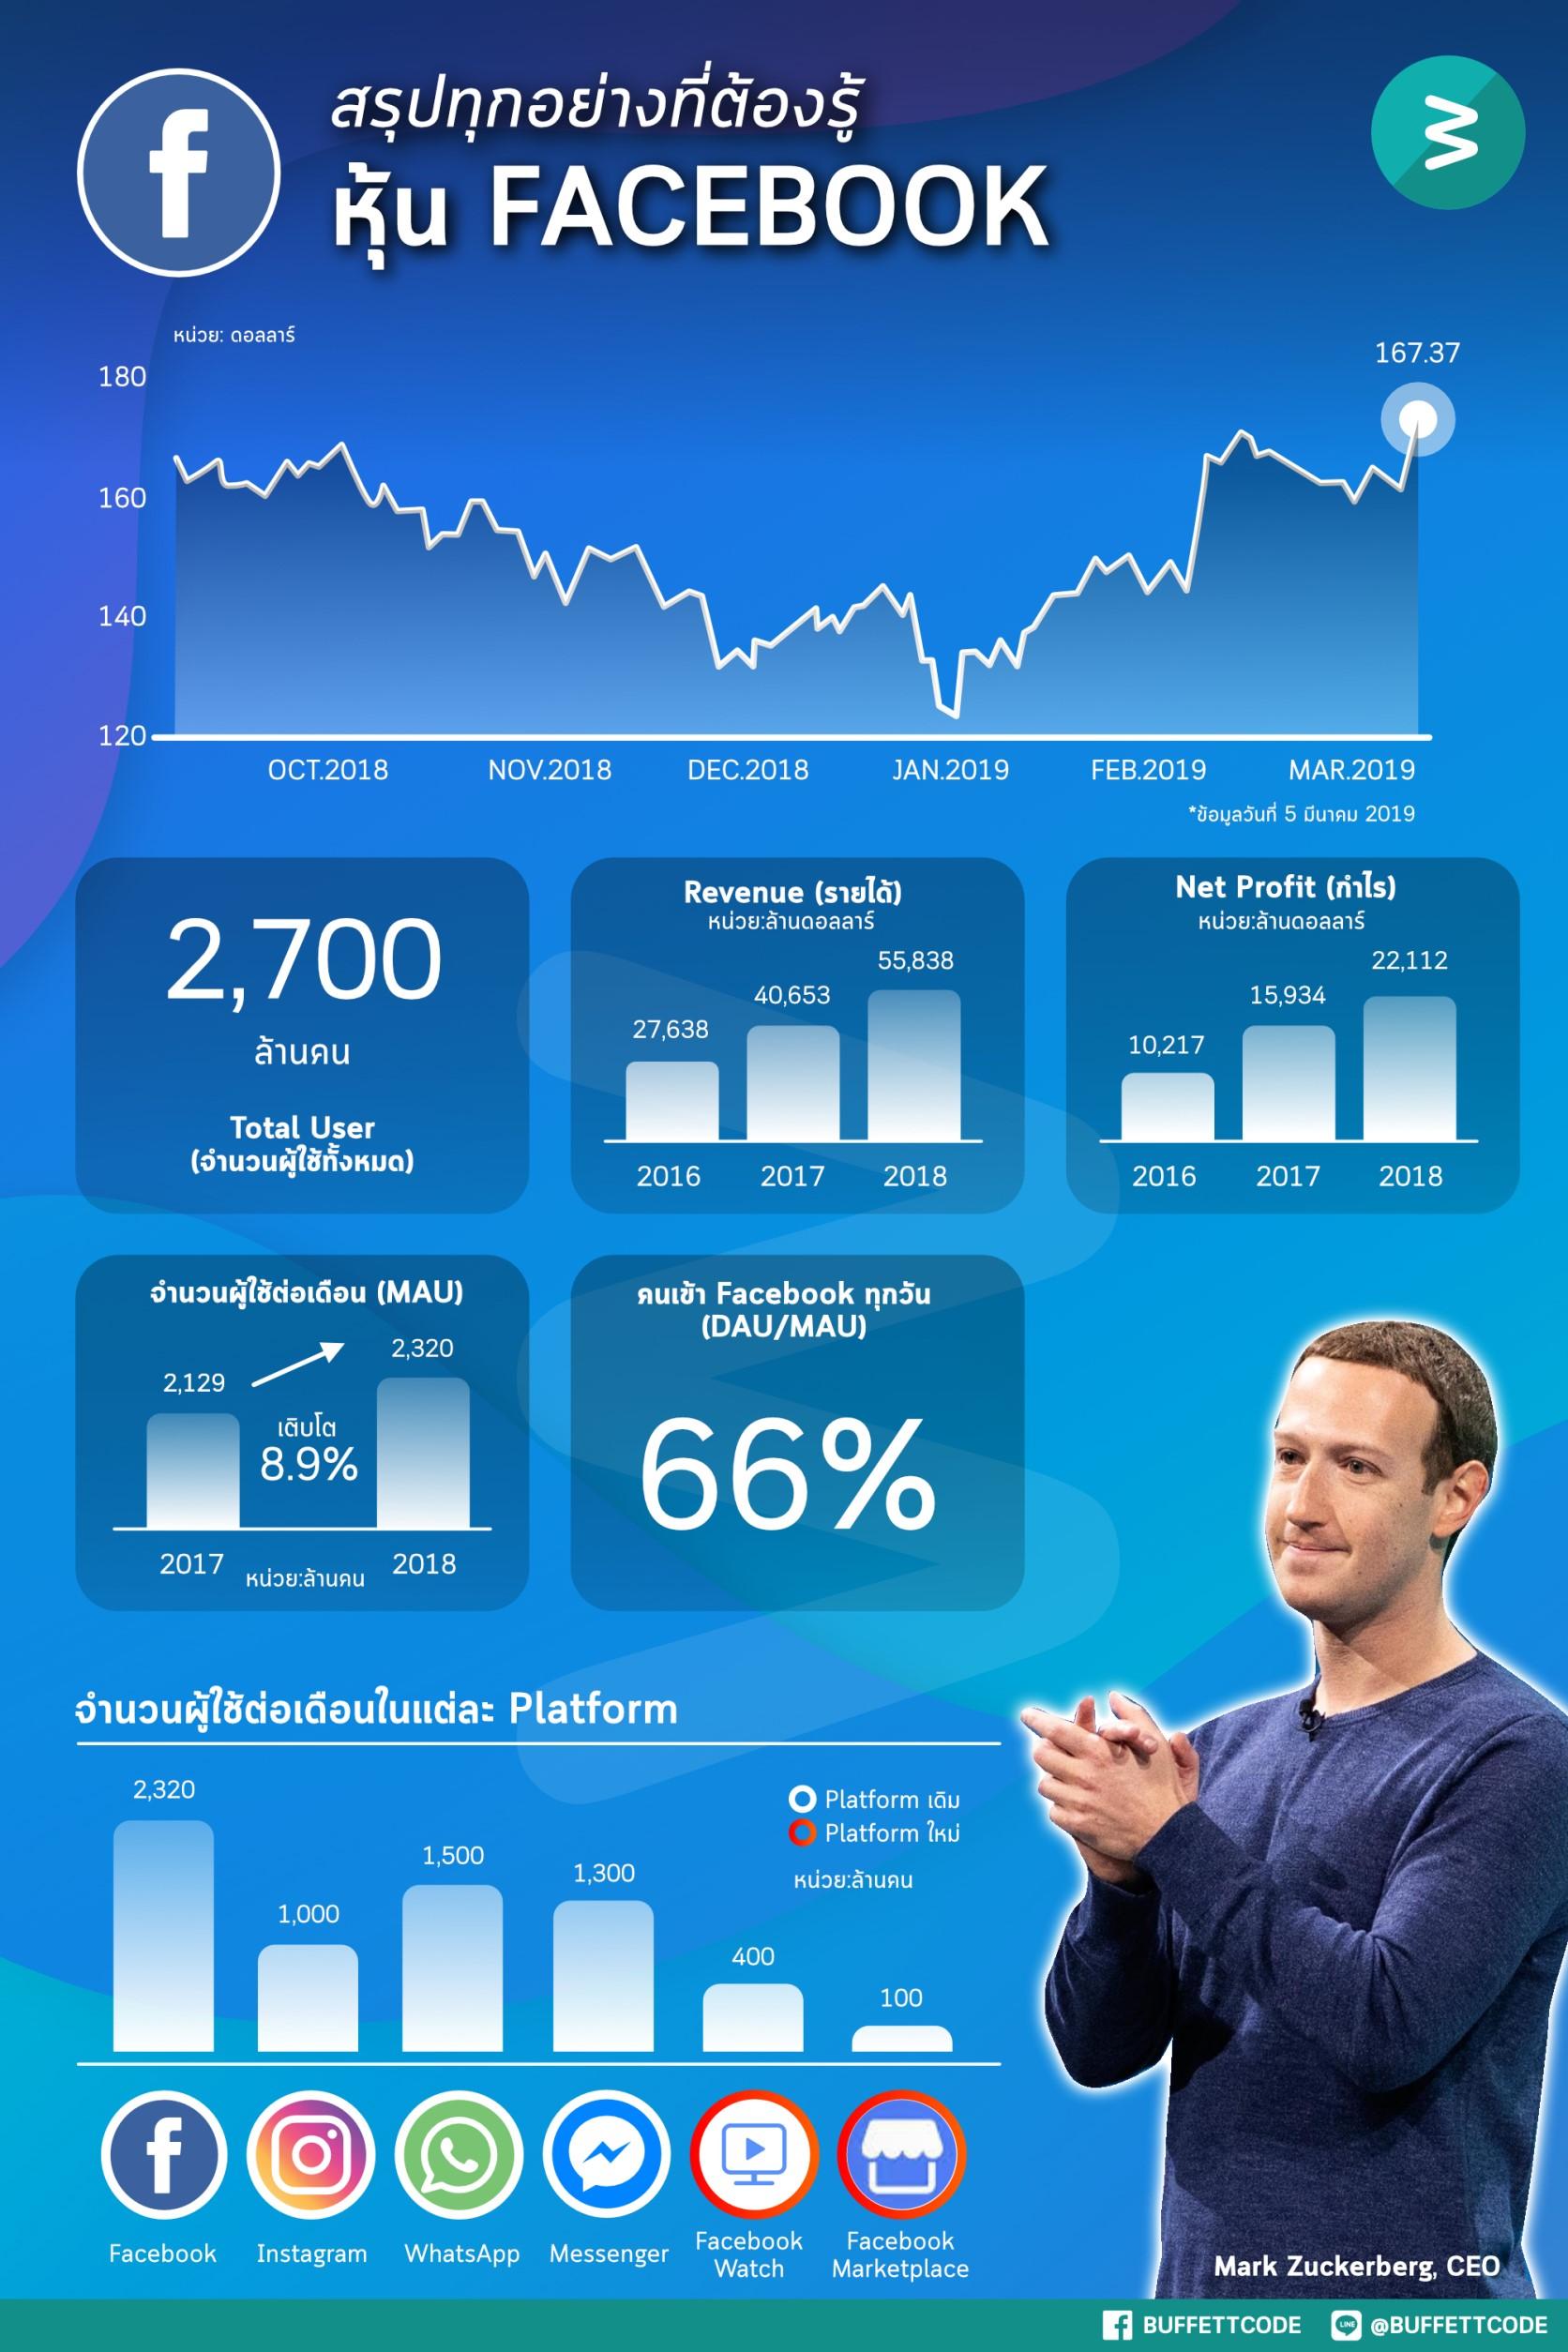 สรุปทุกอย่างที่ต้องรู้ หุ้น Facebook